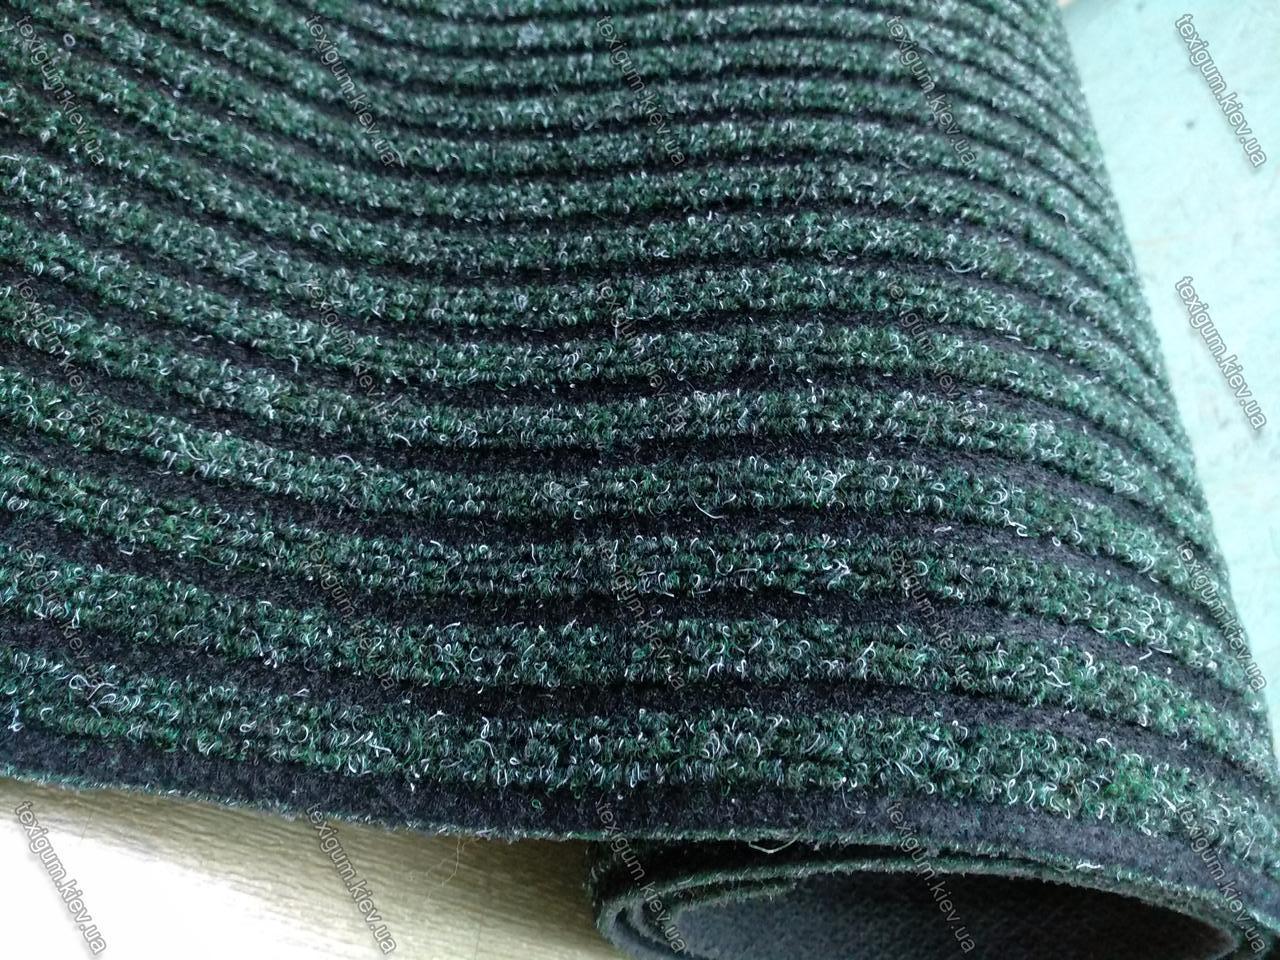 Грязезащитная дорожка на резиновой основе Рубчик-9 темно-зеленая